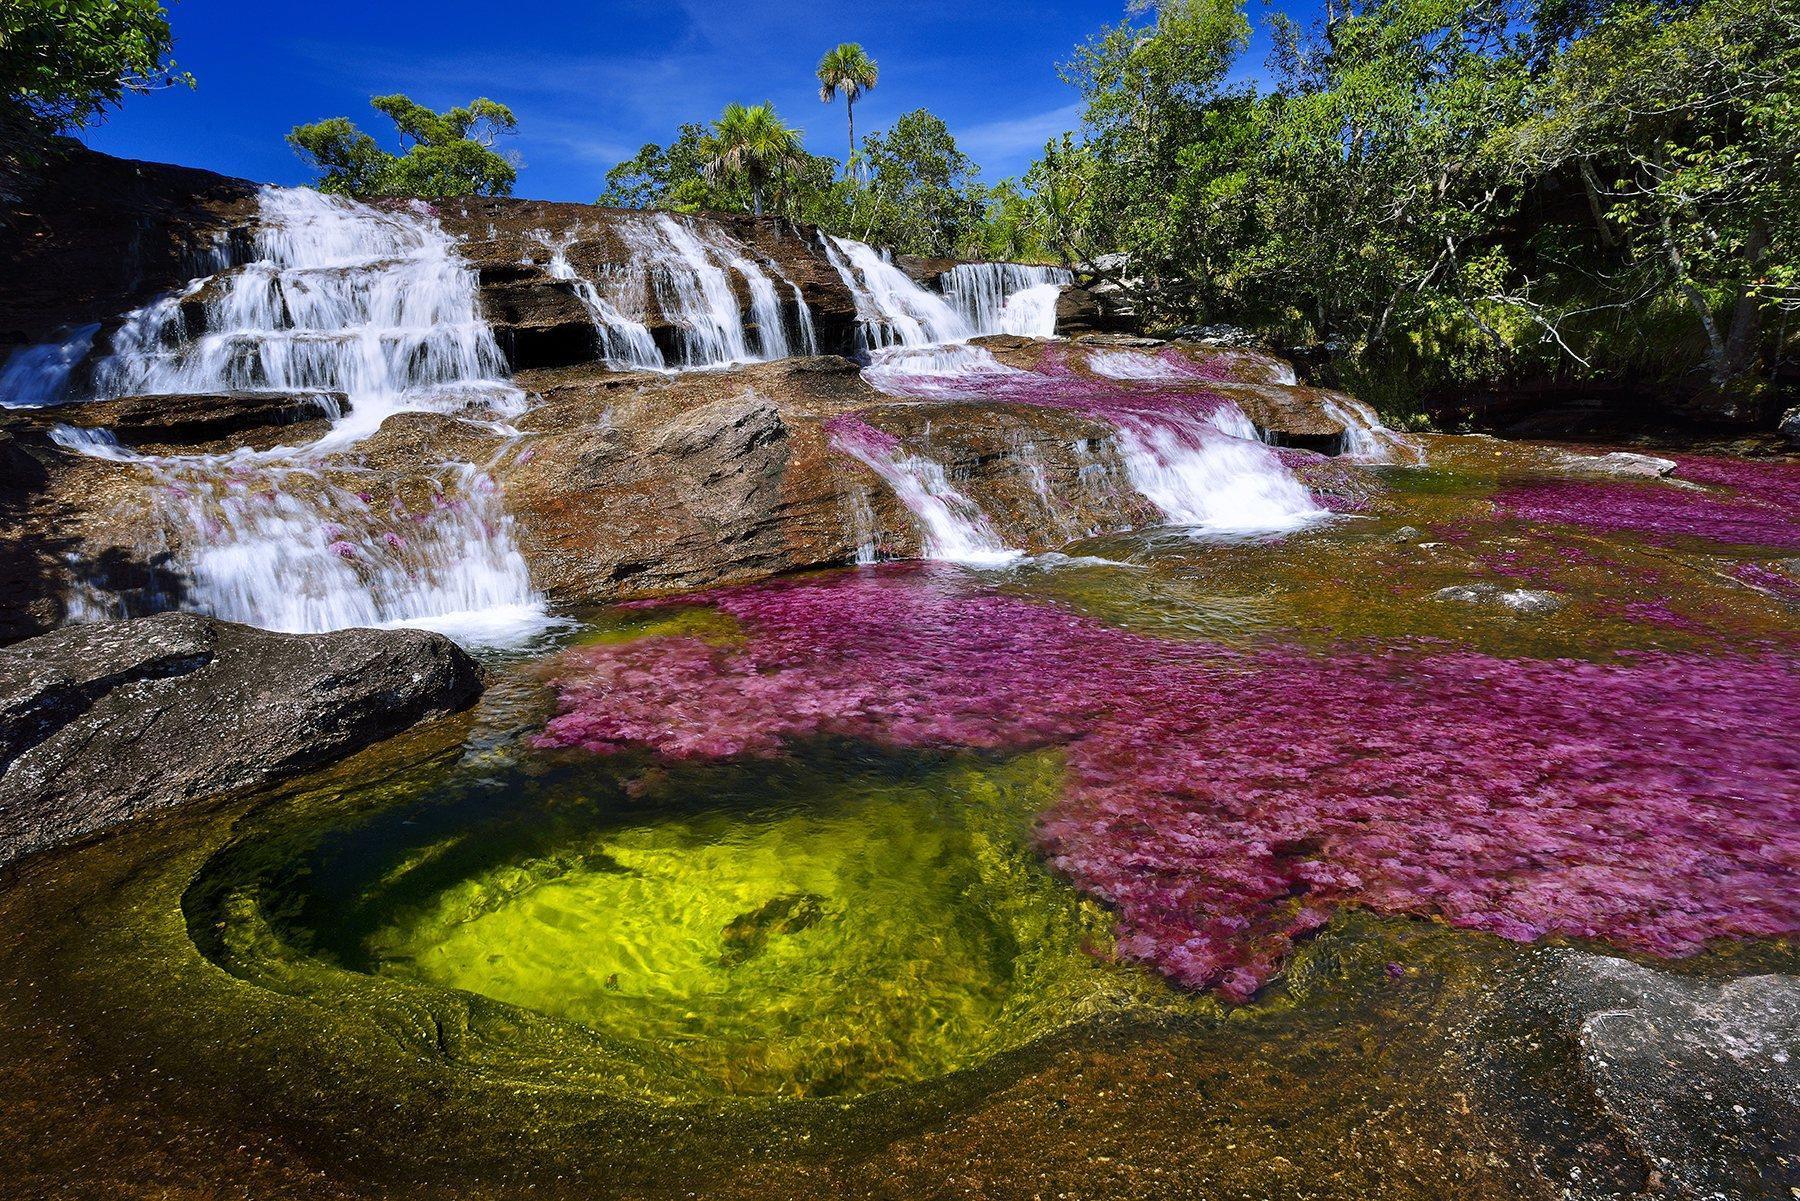 Dòng sông đẹp nhất thế giới 'chảy xuống từ thiên đường' Ảnh 2